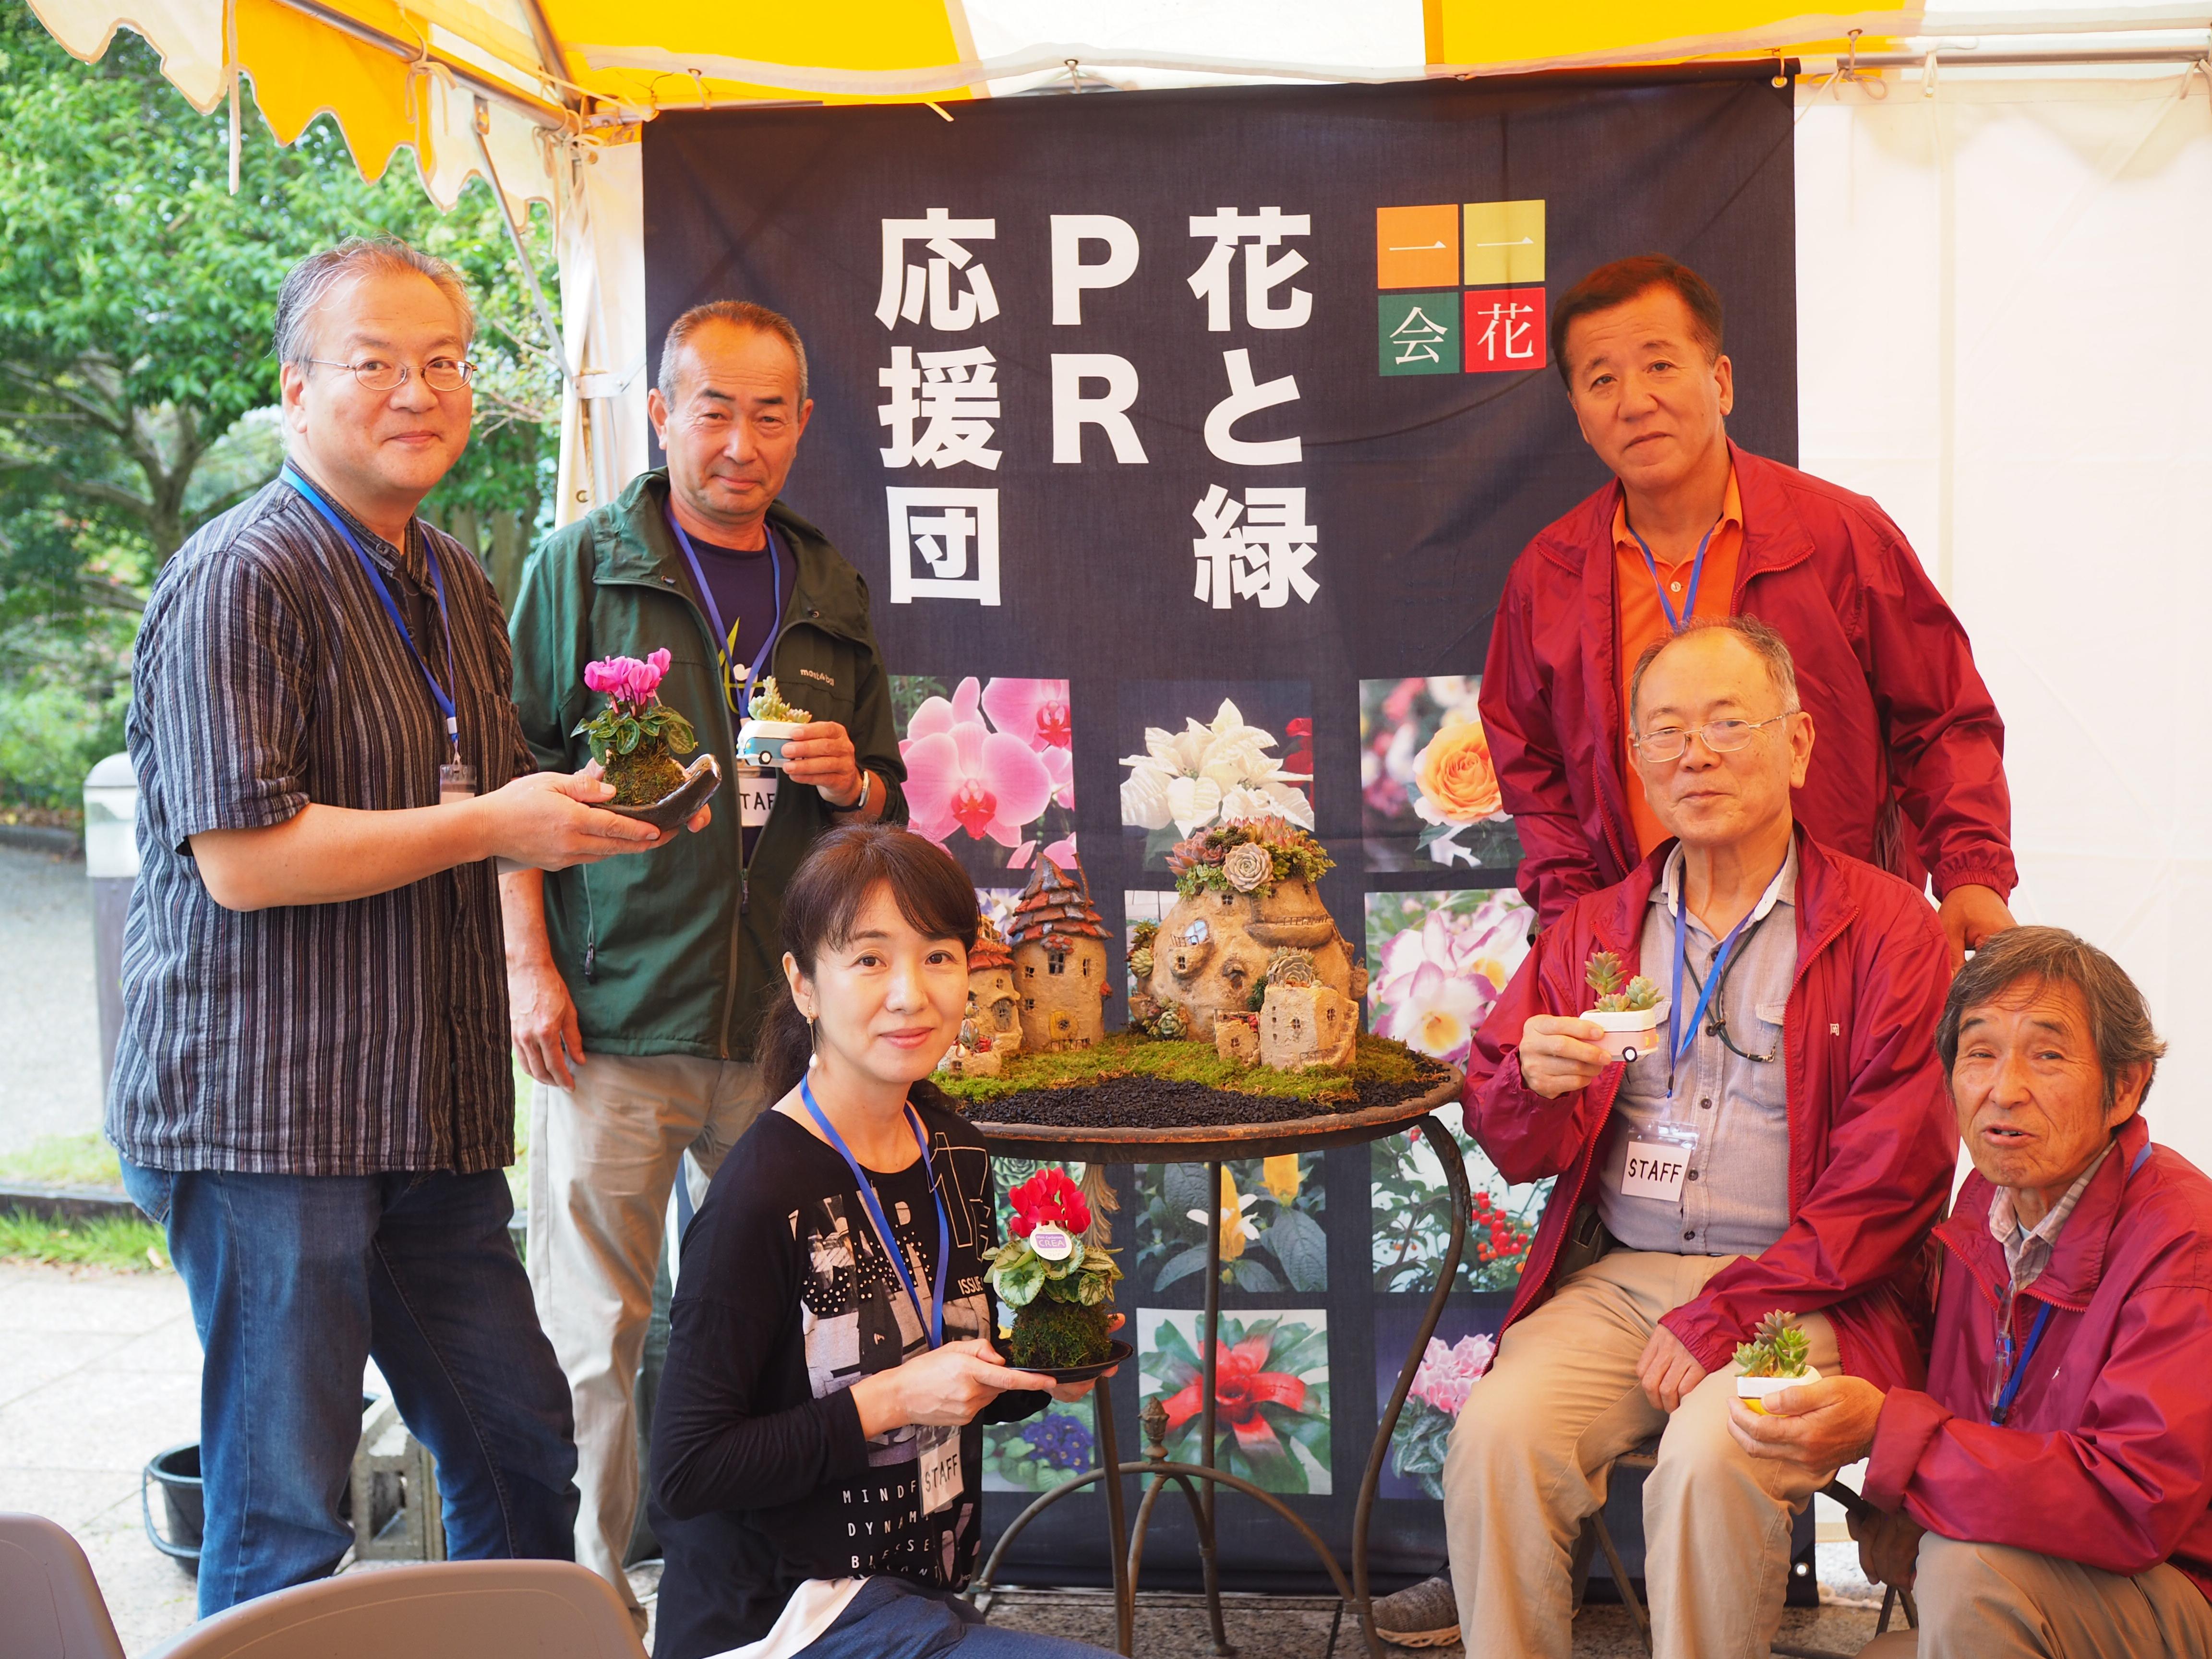 ミニシクラメンの苔玉を、犬塚和義団長(右から3人目)にレクチャーしてもらいました。  ちなみに使用するミニシクラメンは地元愛知の生産者・早川園芸さん(左から2人目)が丹精込めて育てた1級品です。